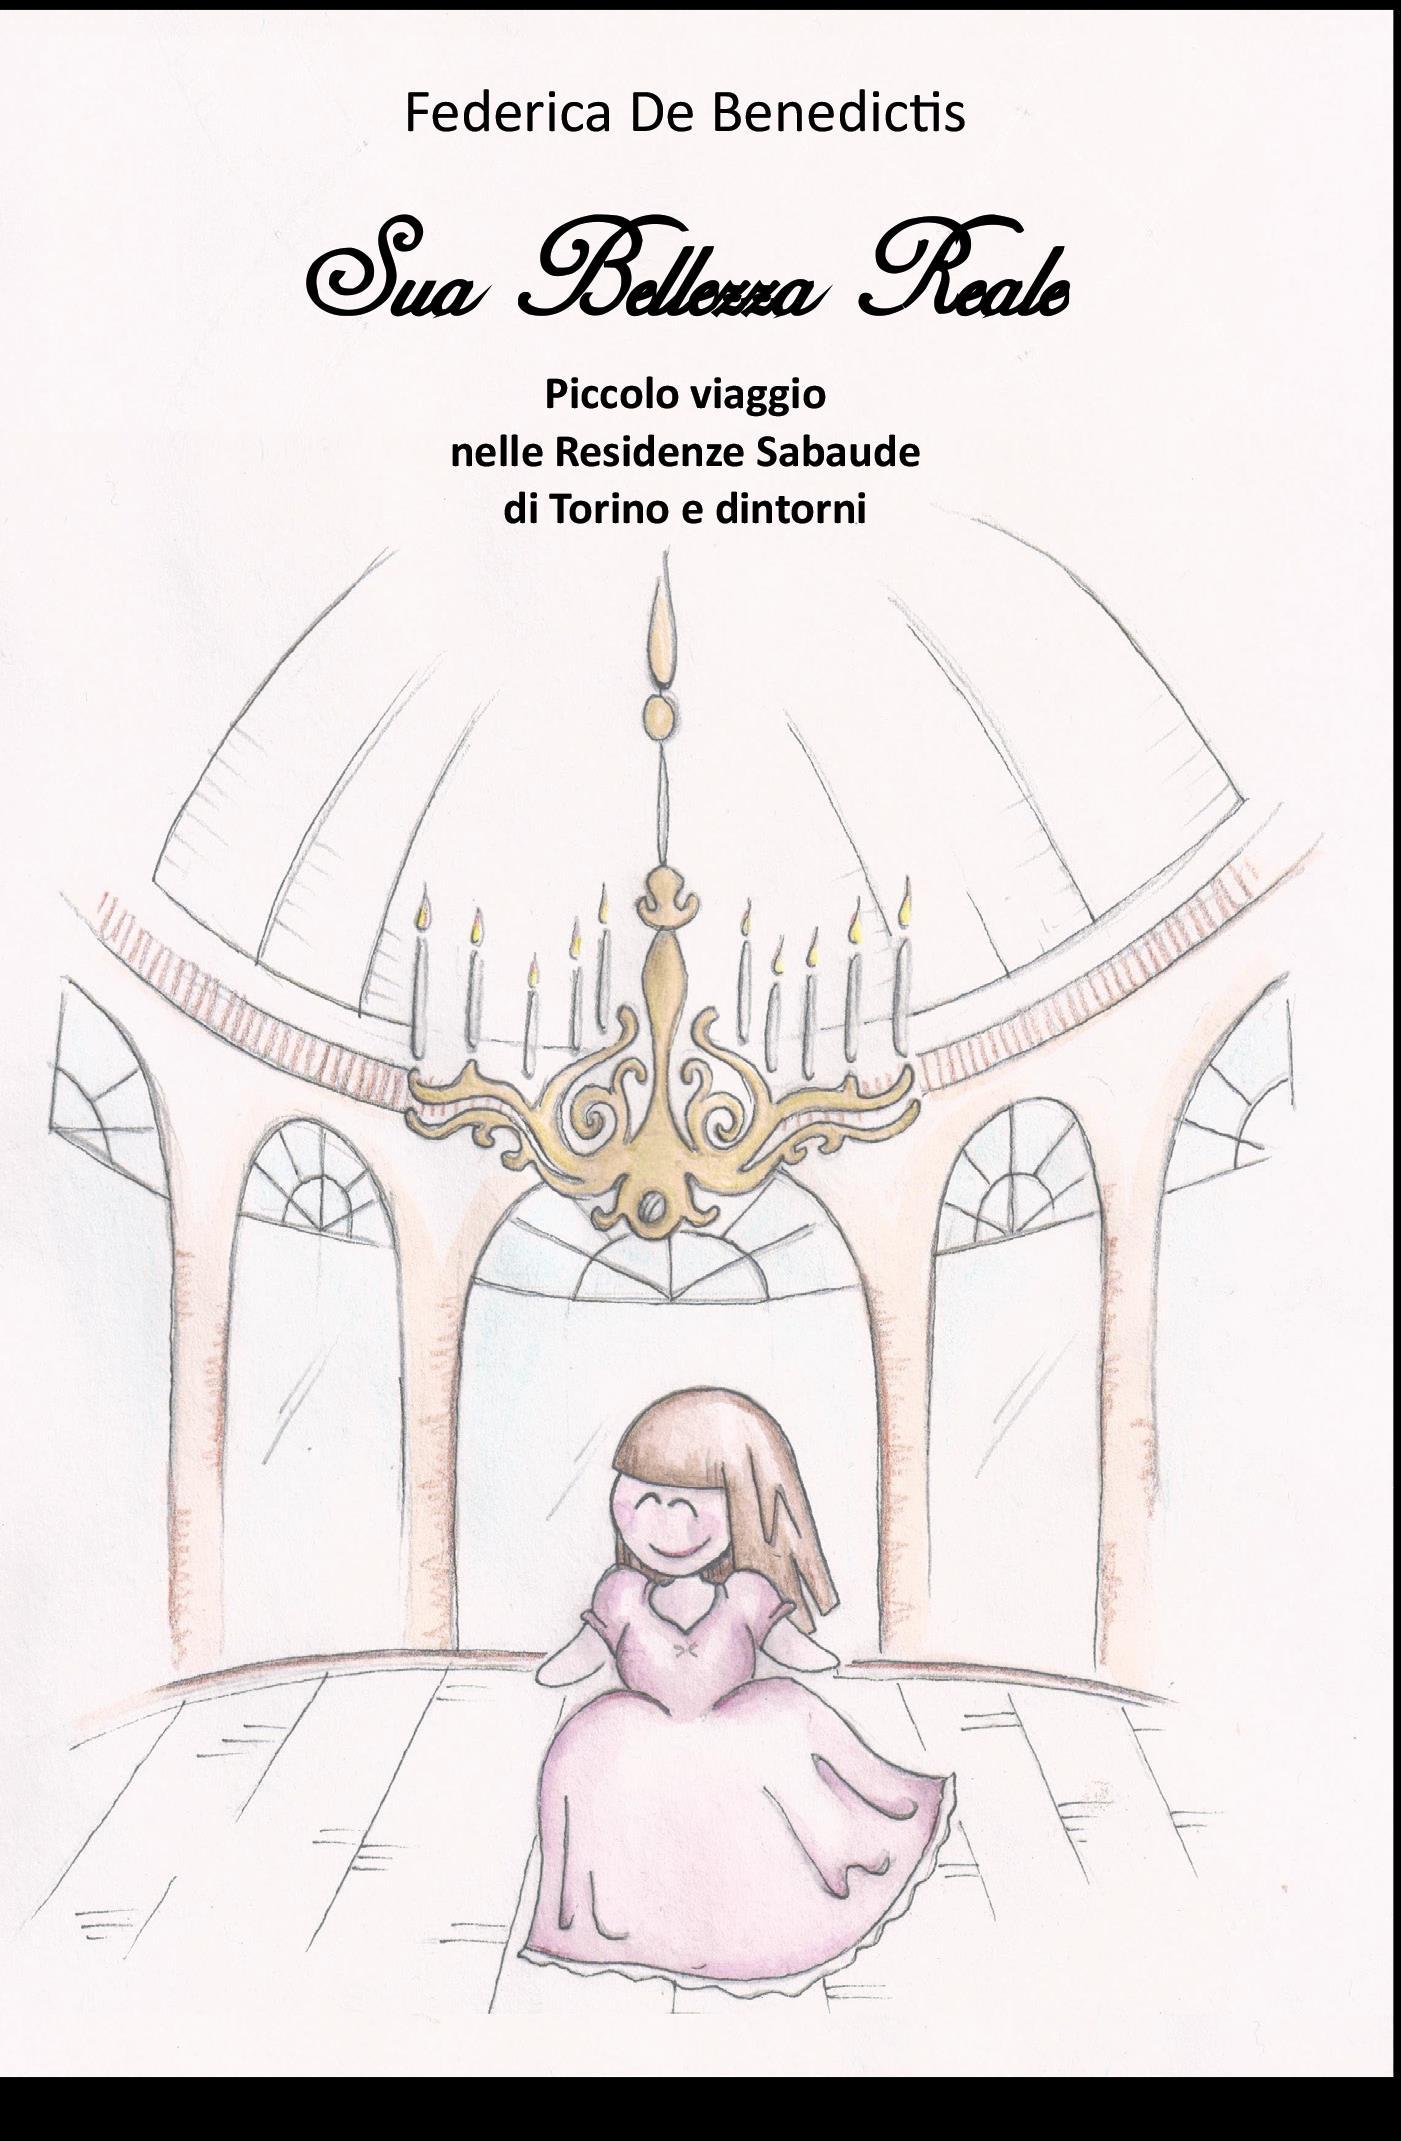 Sua Bellezza Reale | Piccolo viaggio nelle Residenze Sabaude di Torino e dintorni